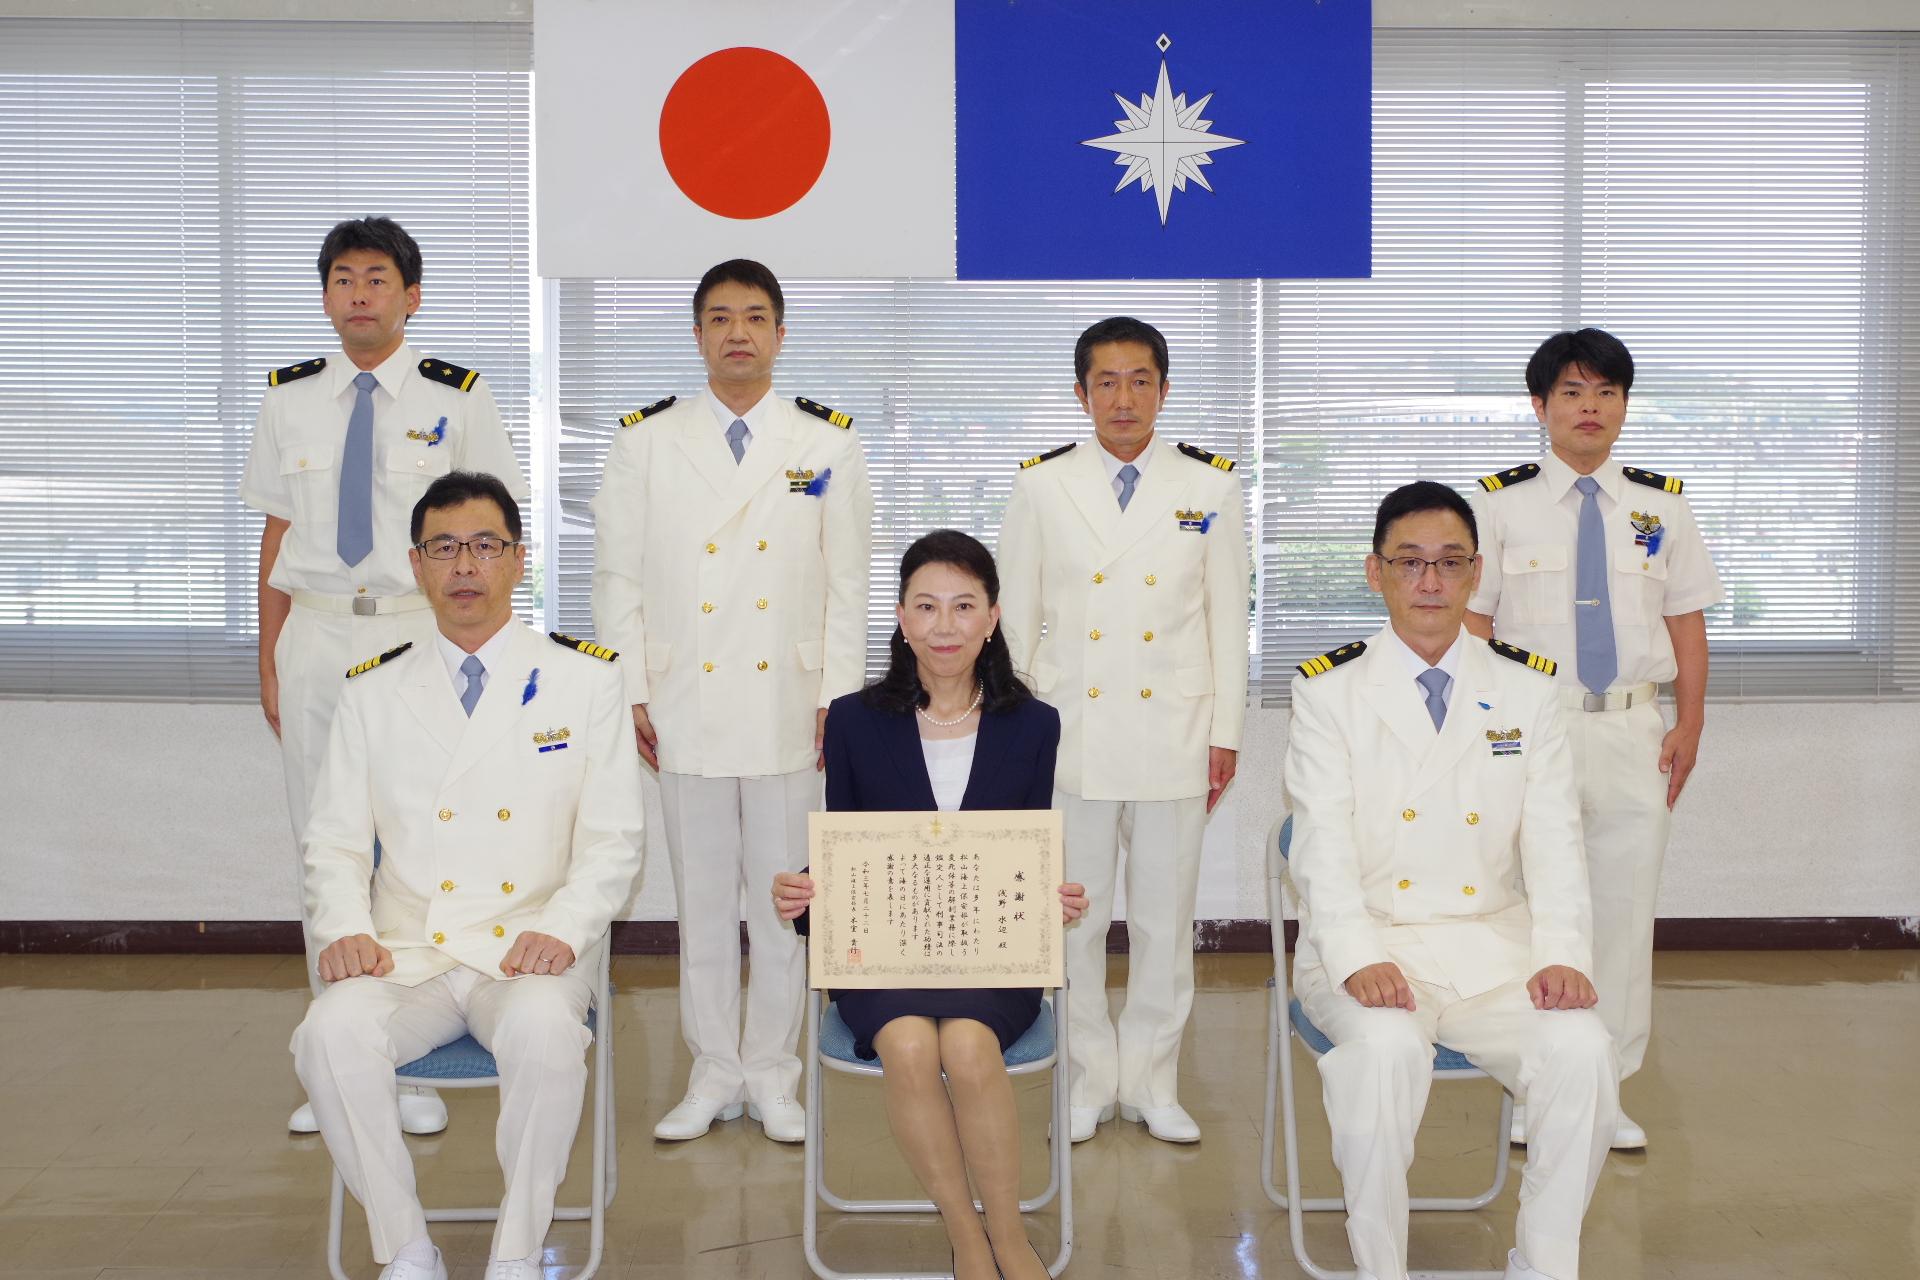 法医学講座の浅野水辺教授が松山海上保安部より感謝状を贈呈されました